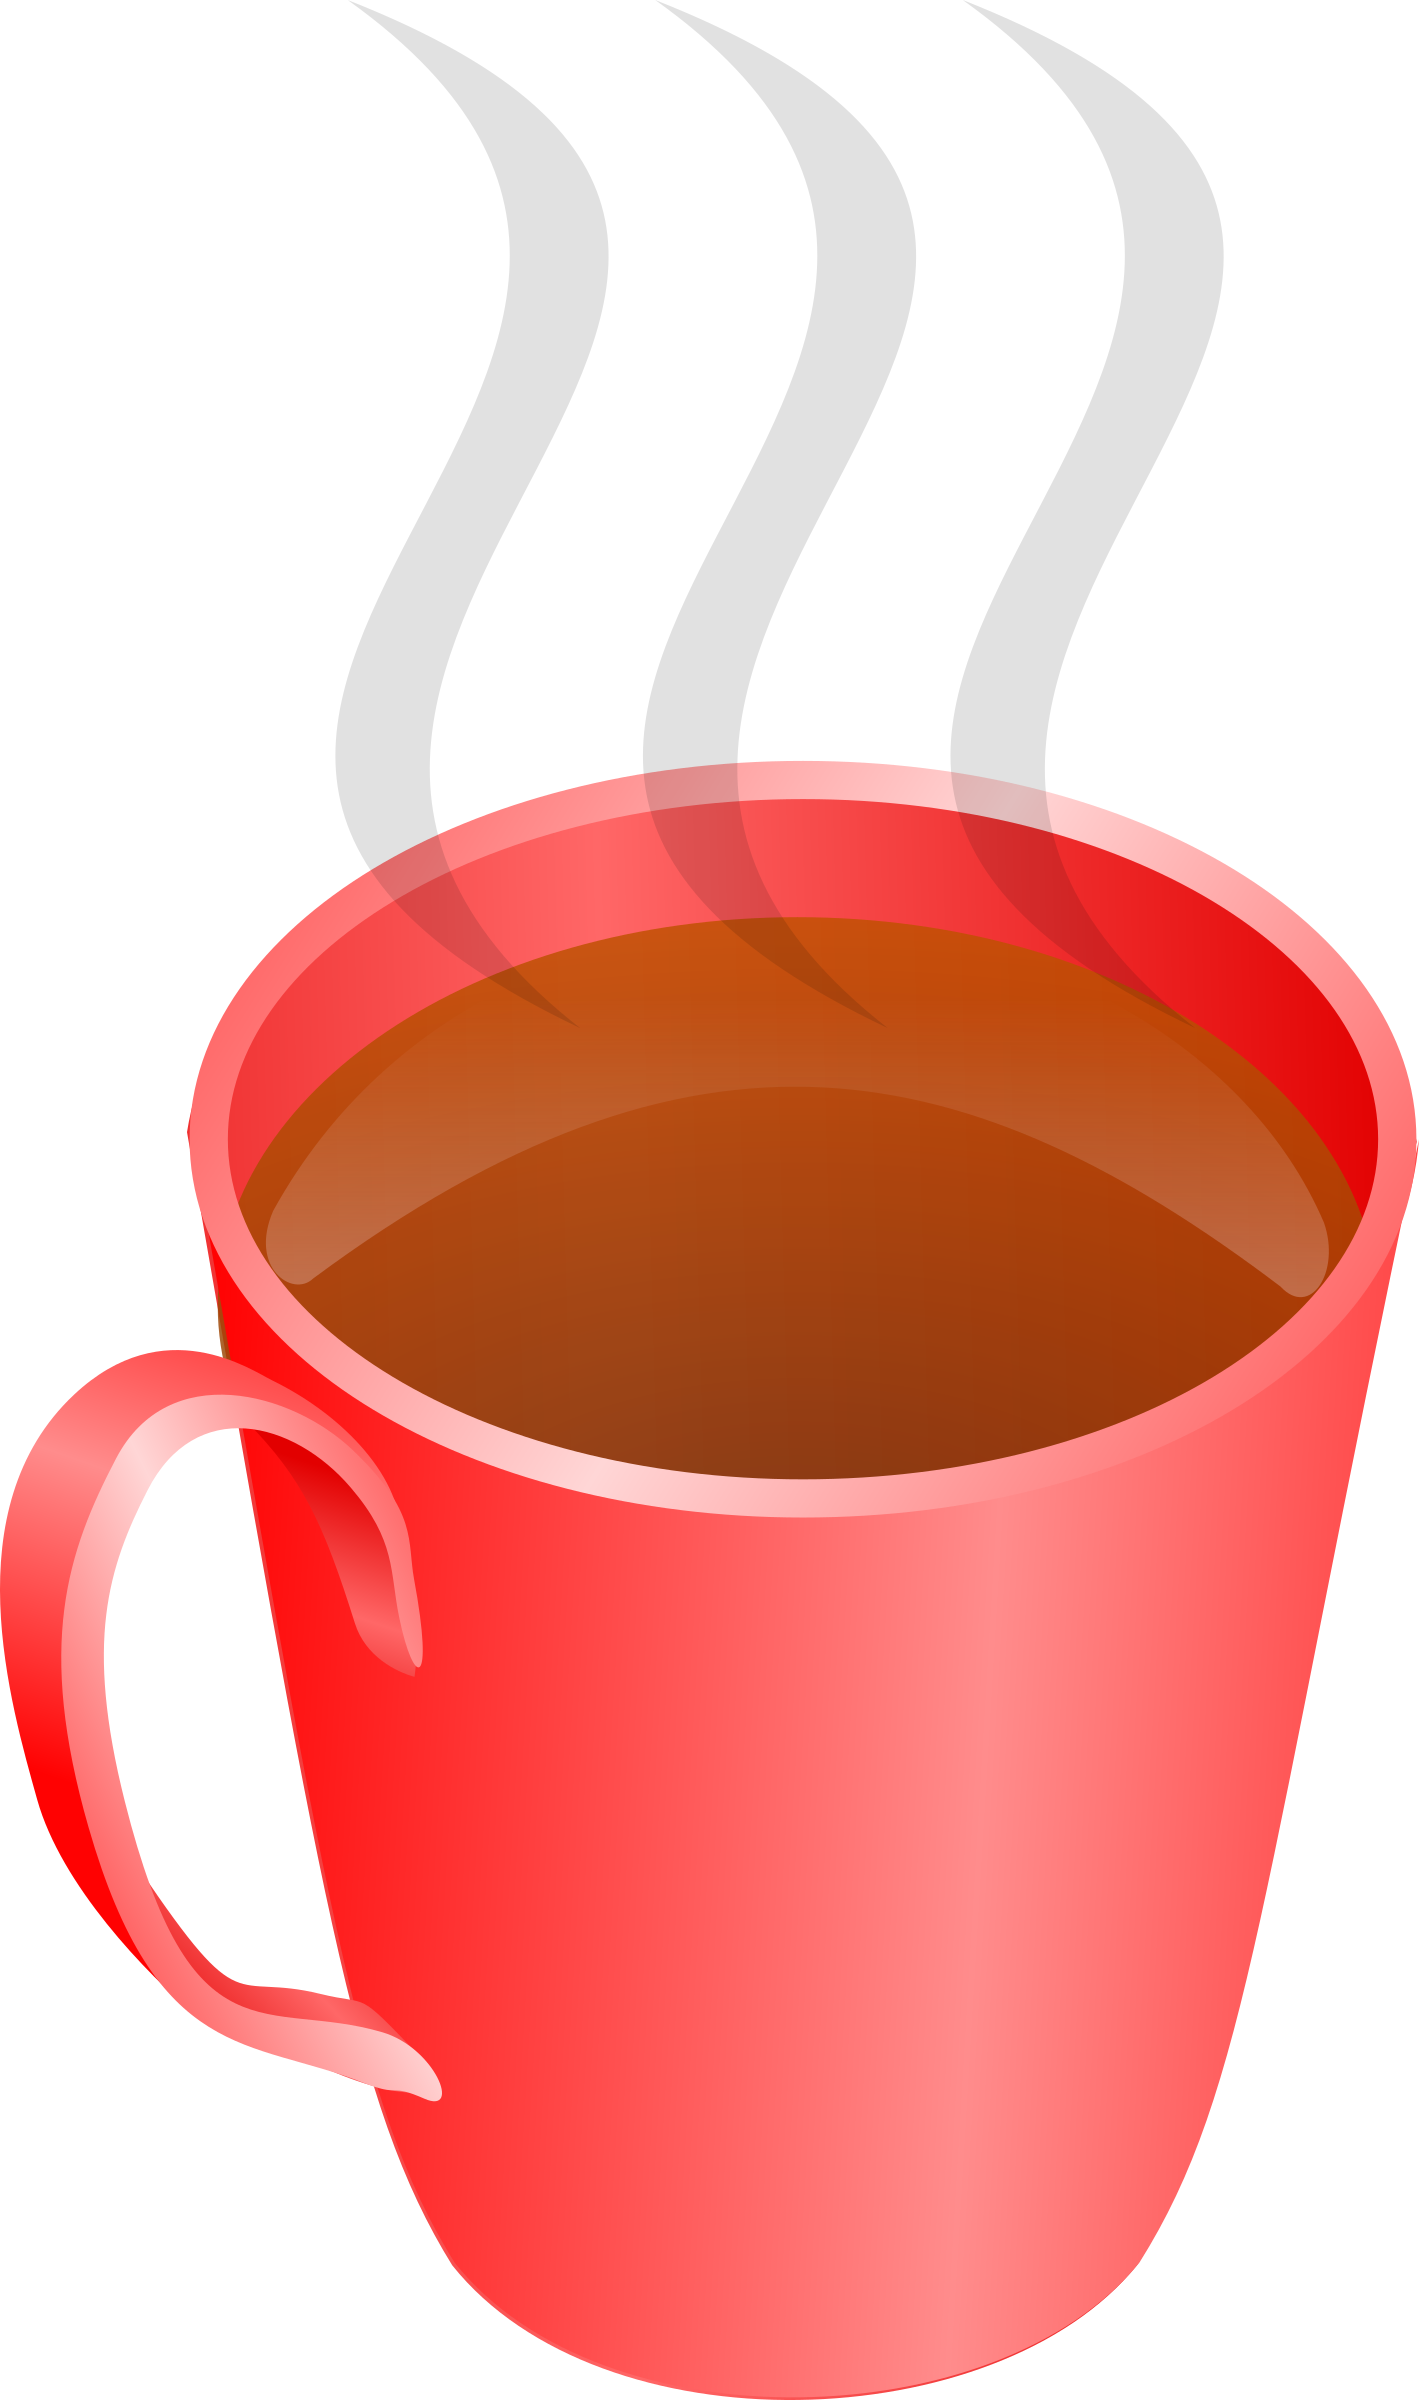 A of tea big. Cup clipart pyramid